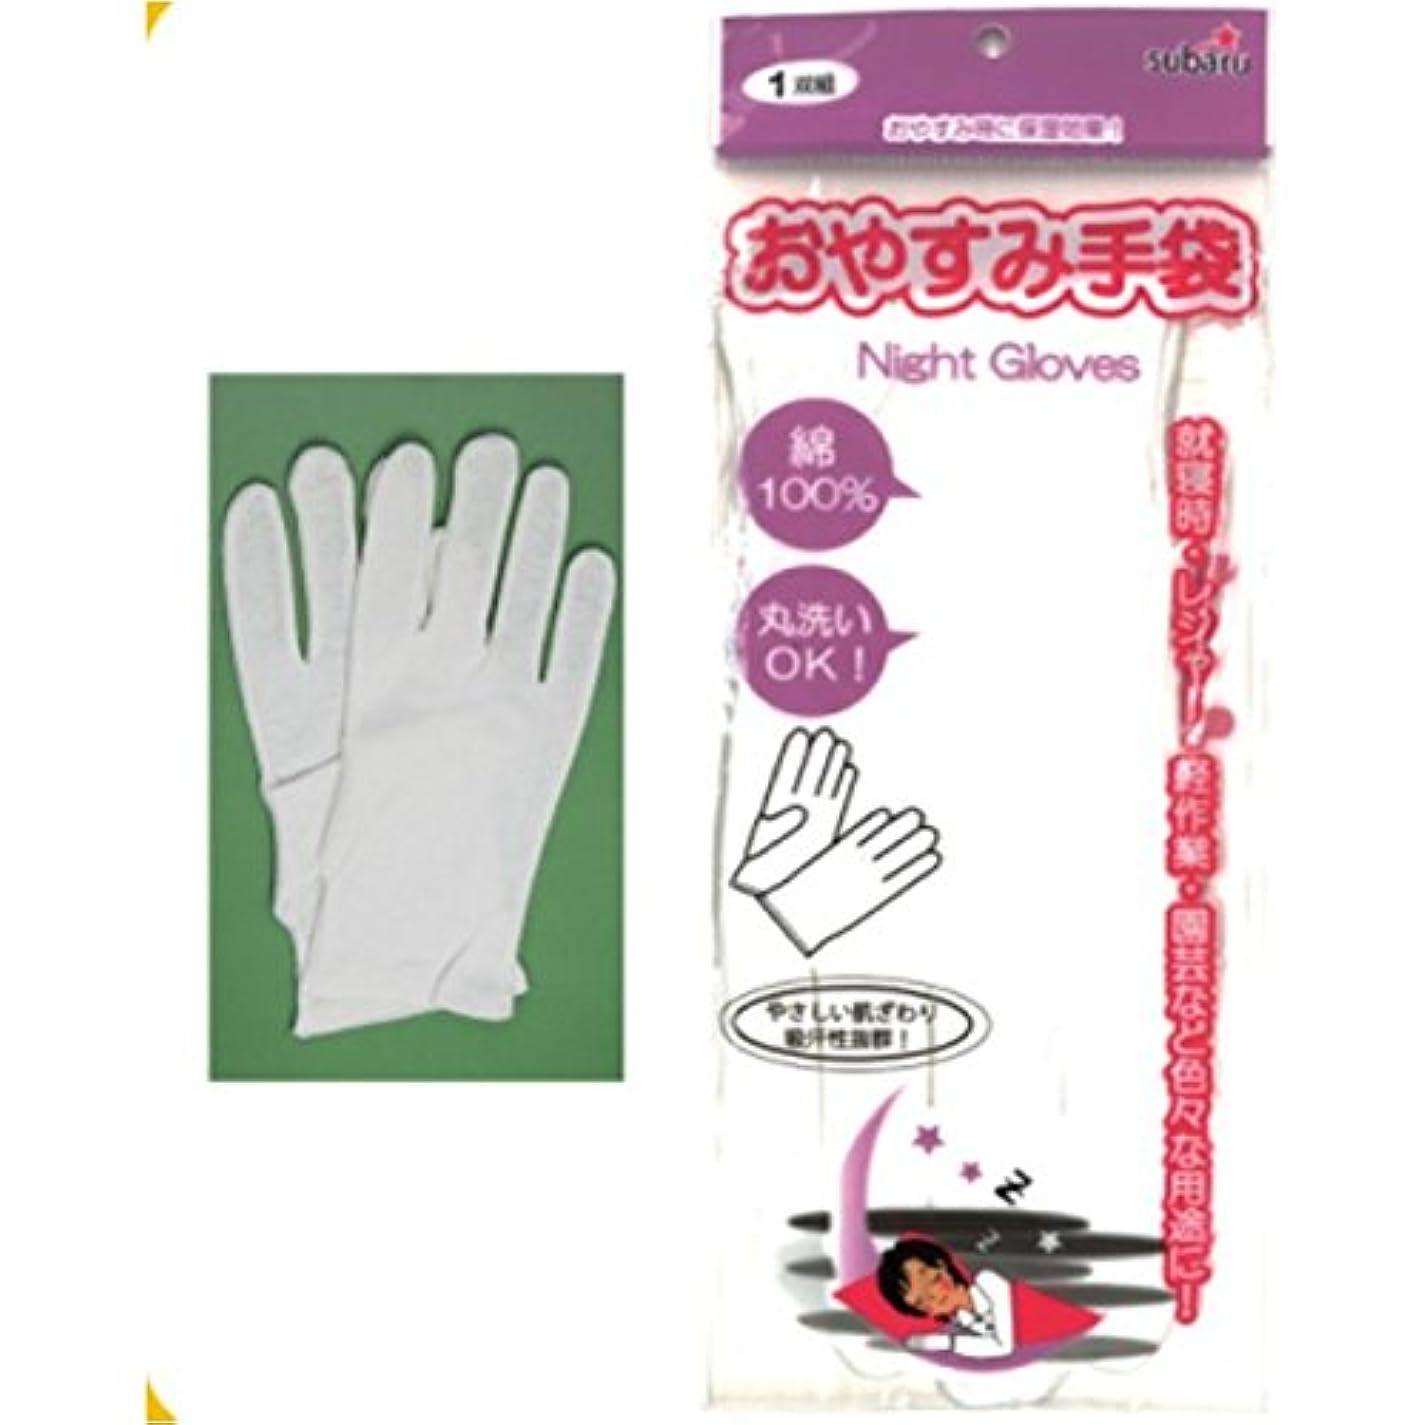 シミュレートする交換可能ゆでるおやすみ手袋 (12個セット) 227-08